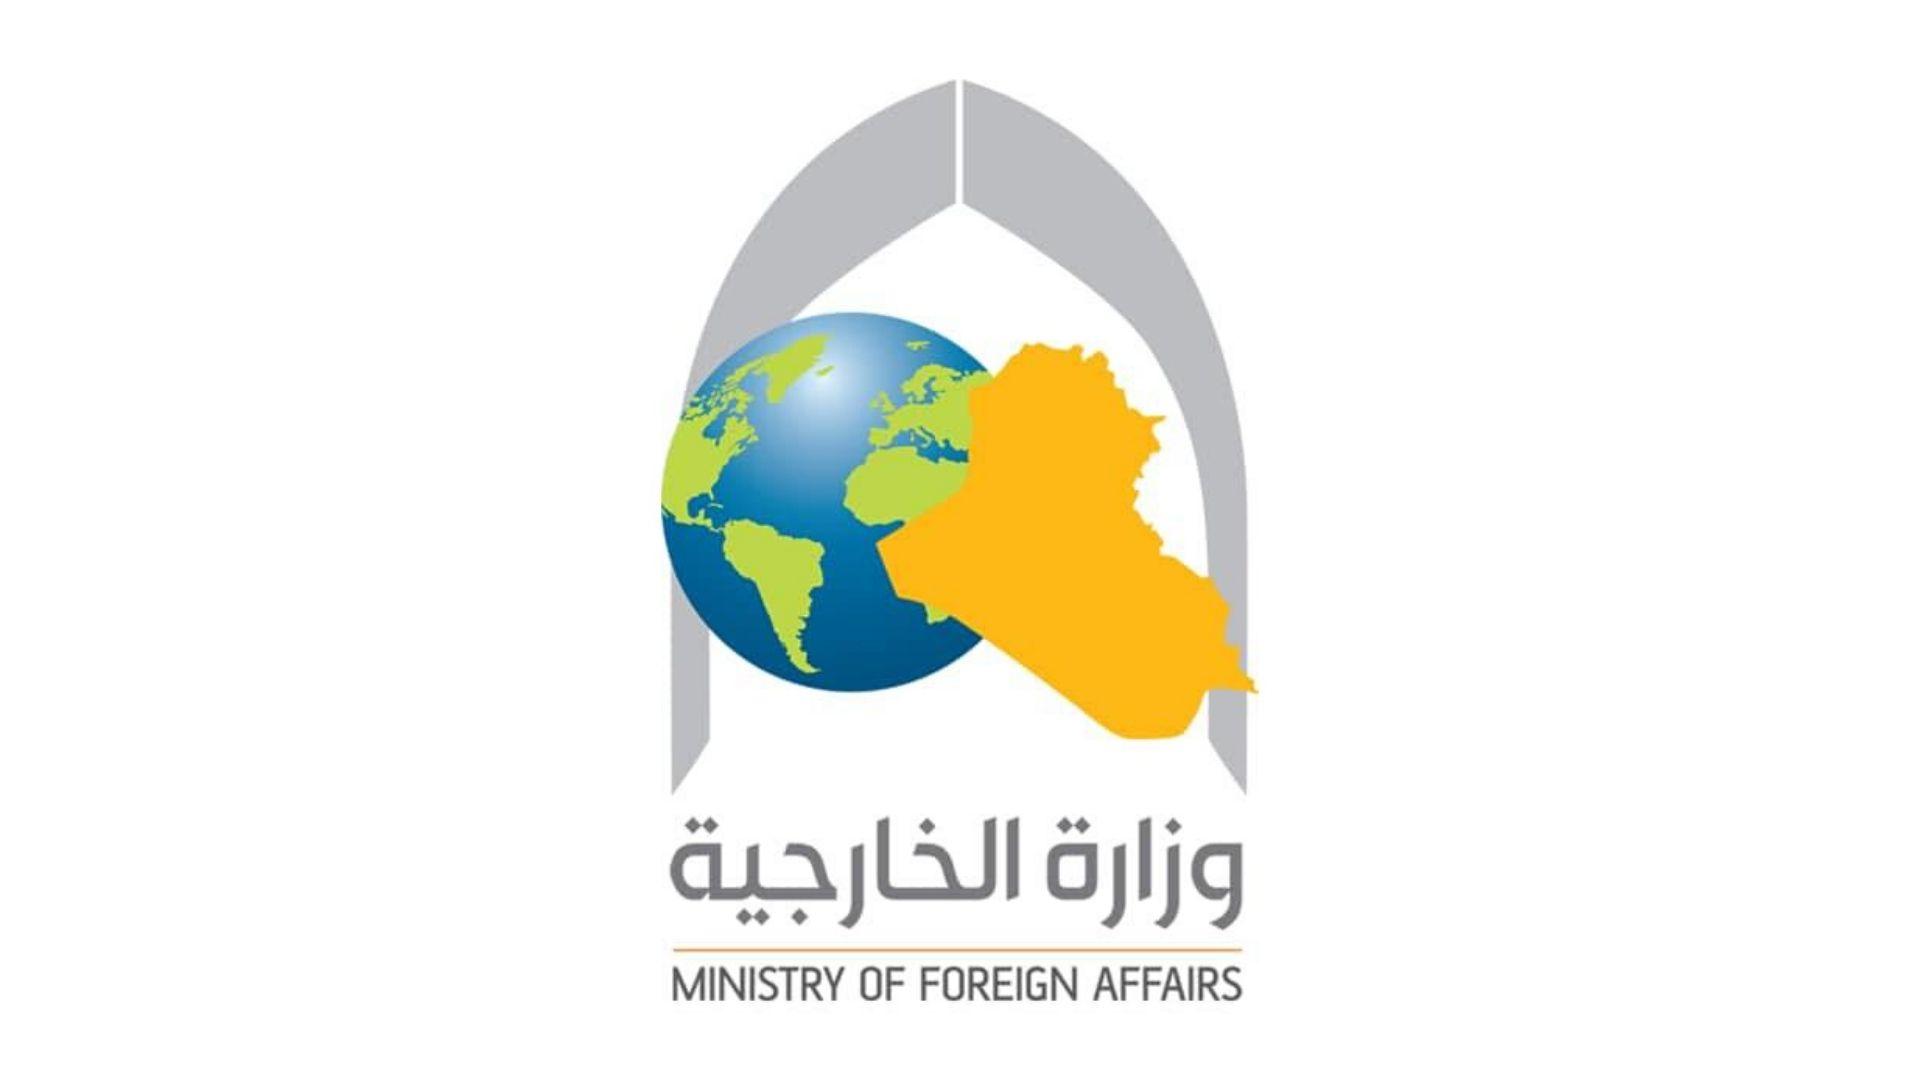 بغداد وواشنطن يؤكدان المضي في تحقيق شراكة فاعلة تتسم باحترام سيادة العراق